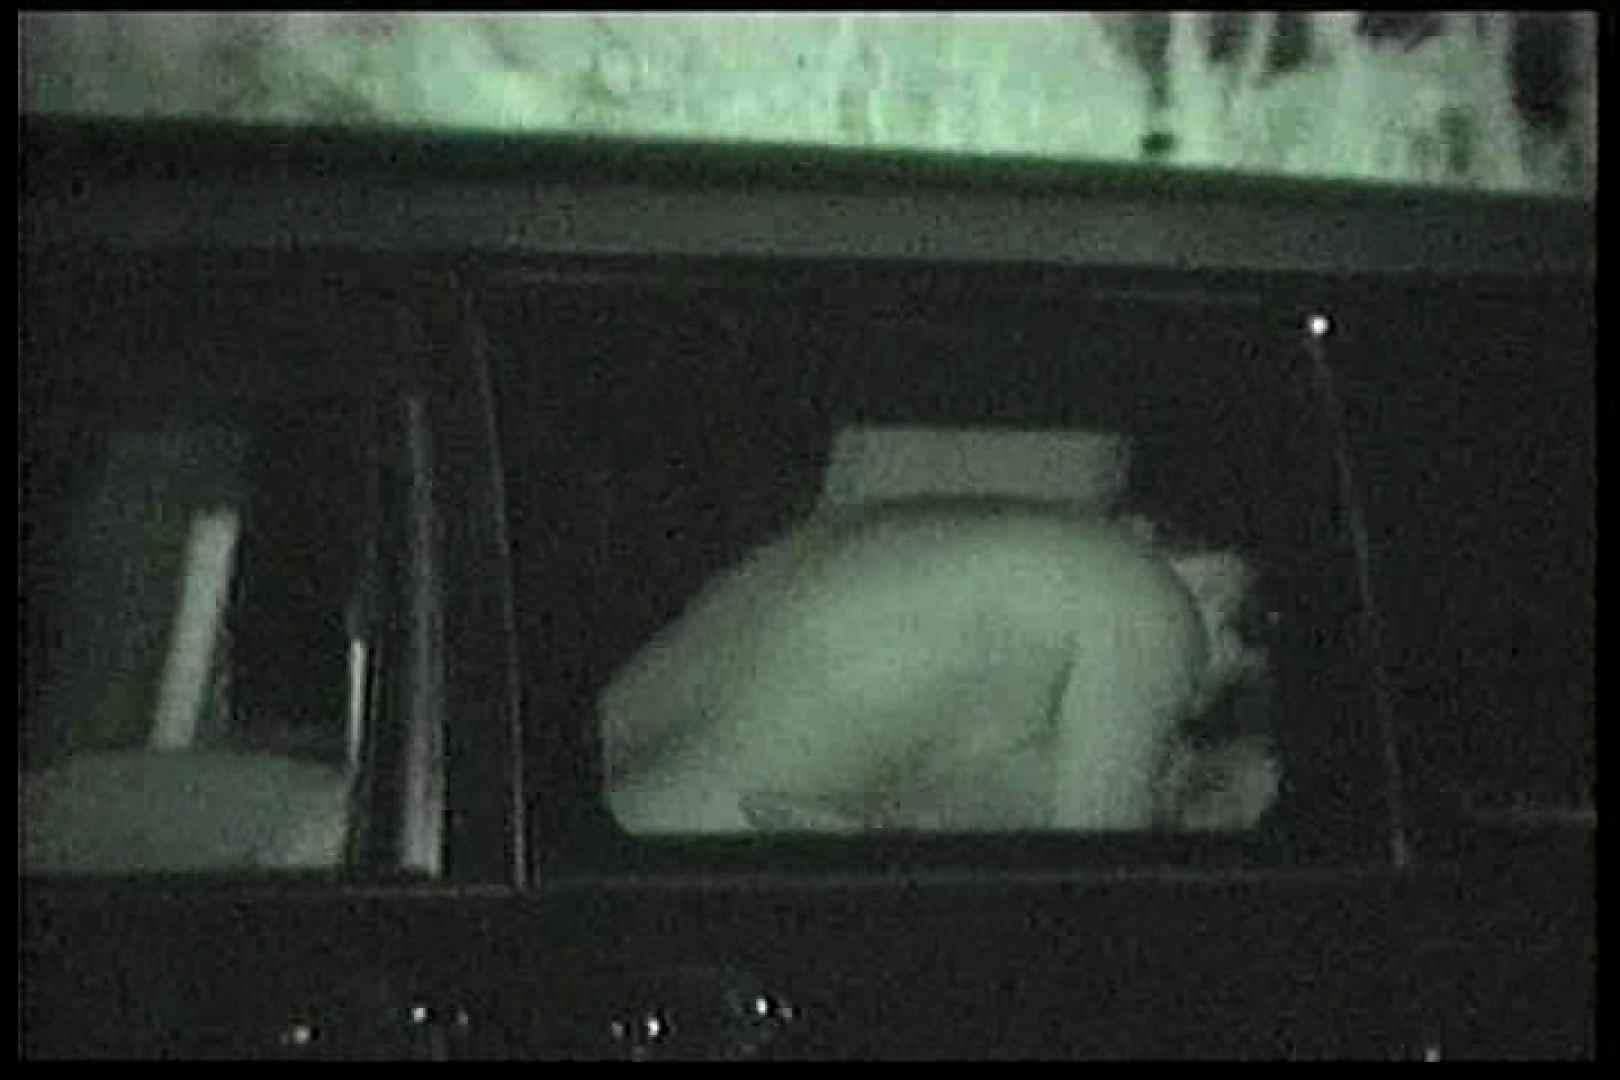 車の中はラブホテル 無修正版  Vol.11 ホテル スケベ動画紹介 86画像 52